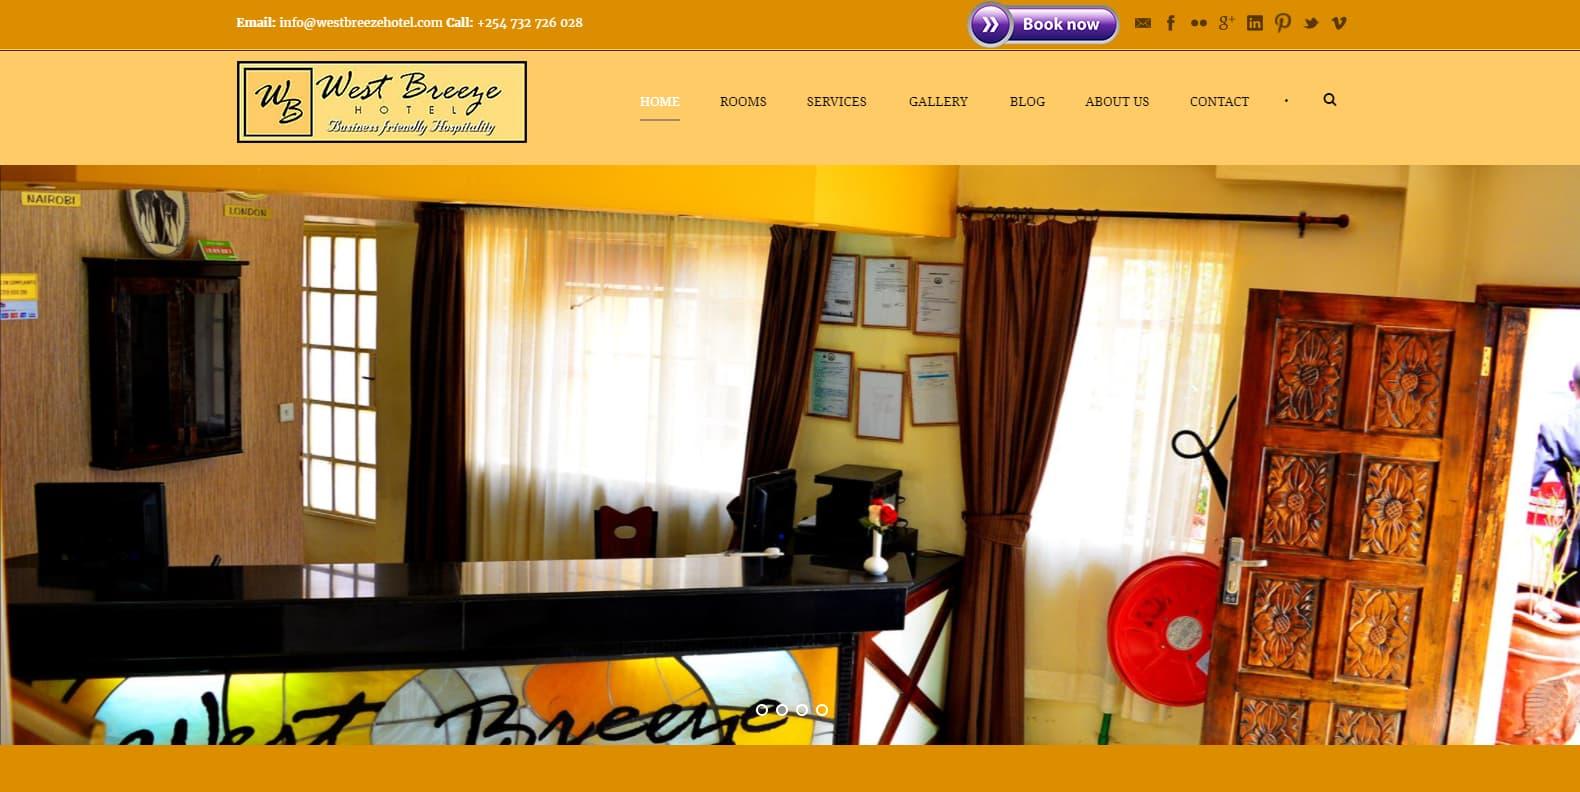 Website Design Project - Westbreeze Hotel